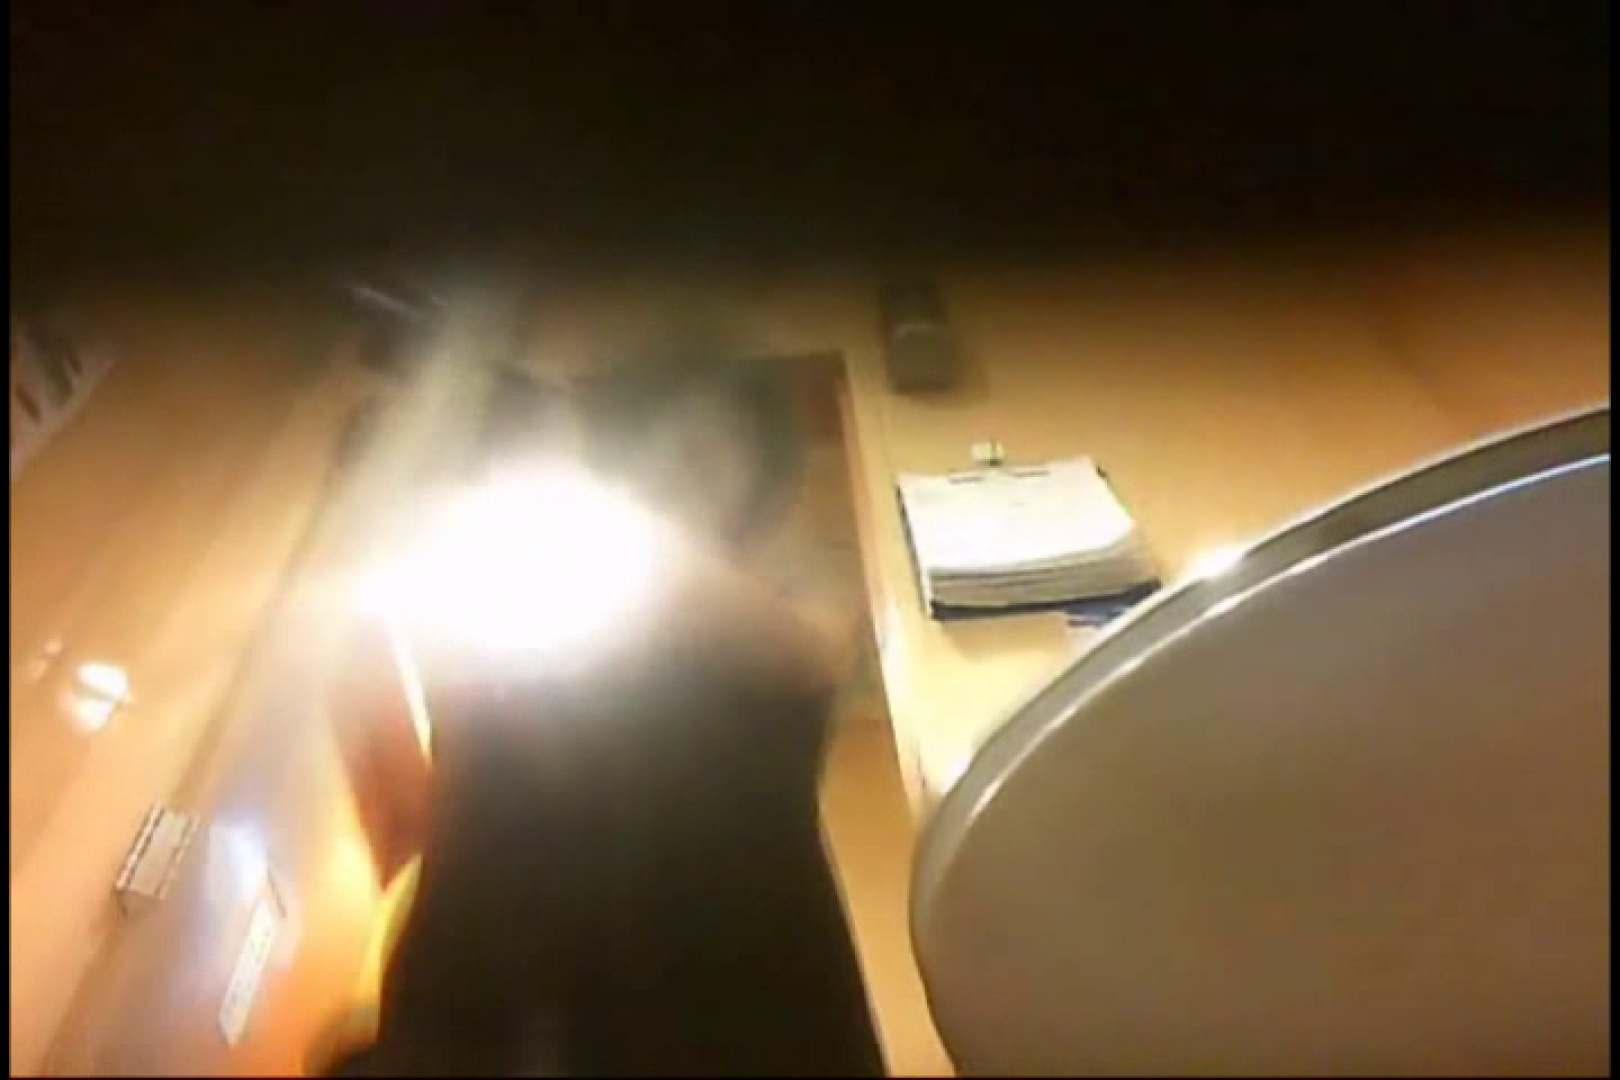 画質向上!新亀さん厠 vol.27 OLすけべ画像 隠し撮りオマンコ動画紹介 38連発 32